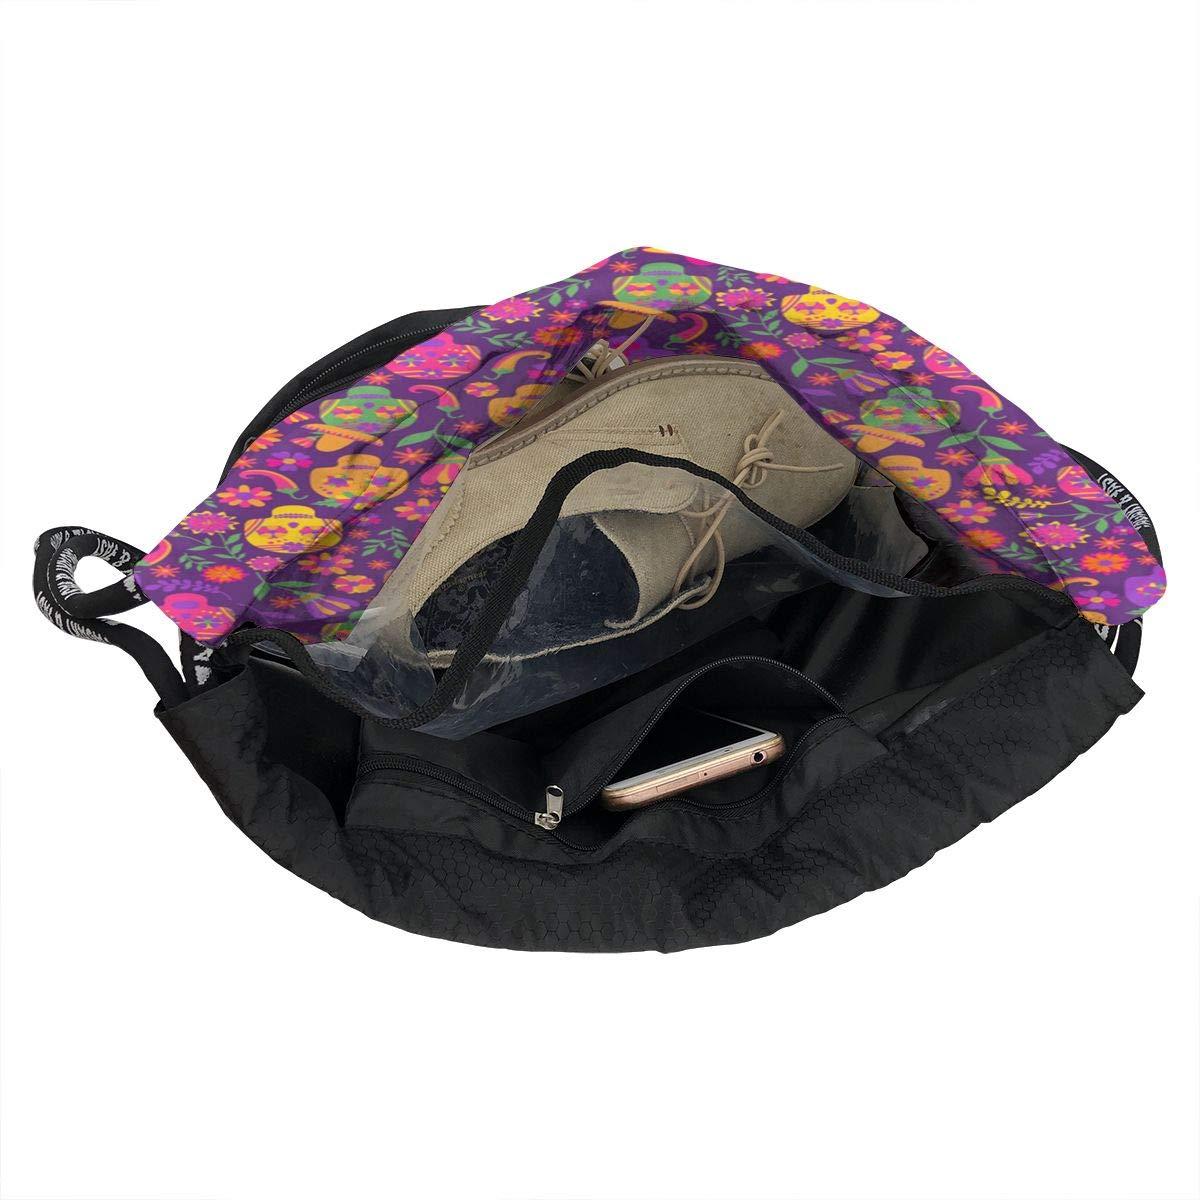 HUOPR5Q Dia-de-Los-Muertos Drawstring Backpack Sport Gym Sack Shoulder Bulk Bag Dance Bag for School Travel